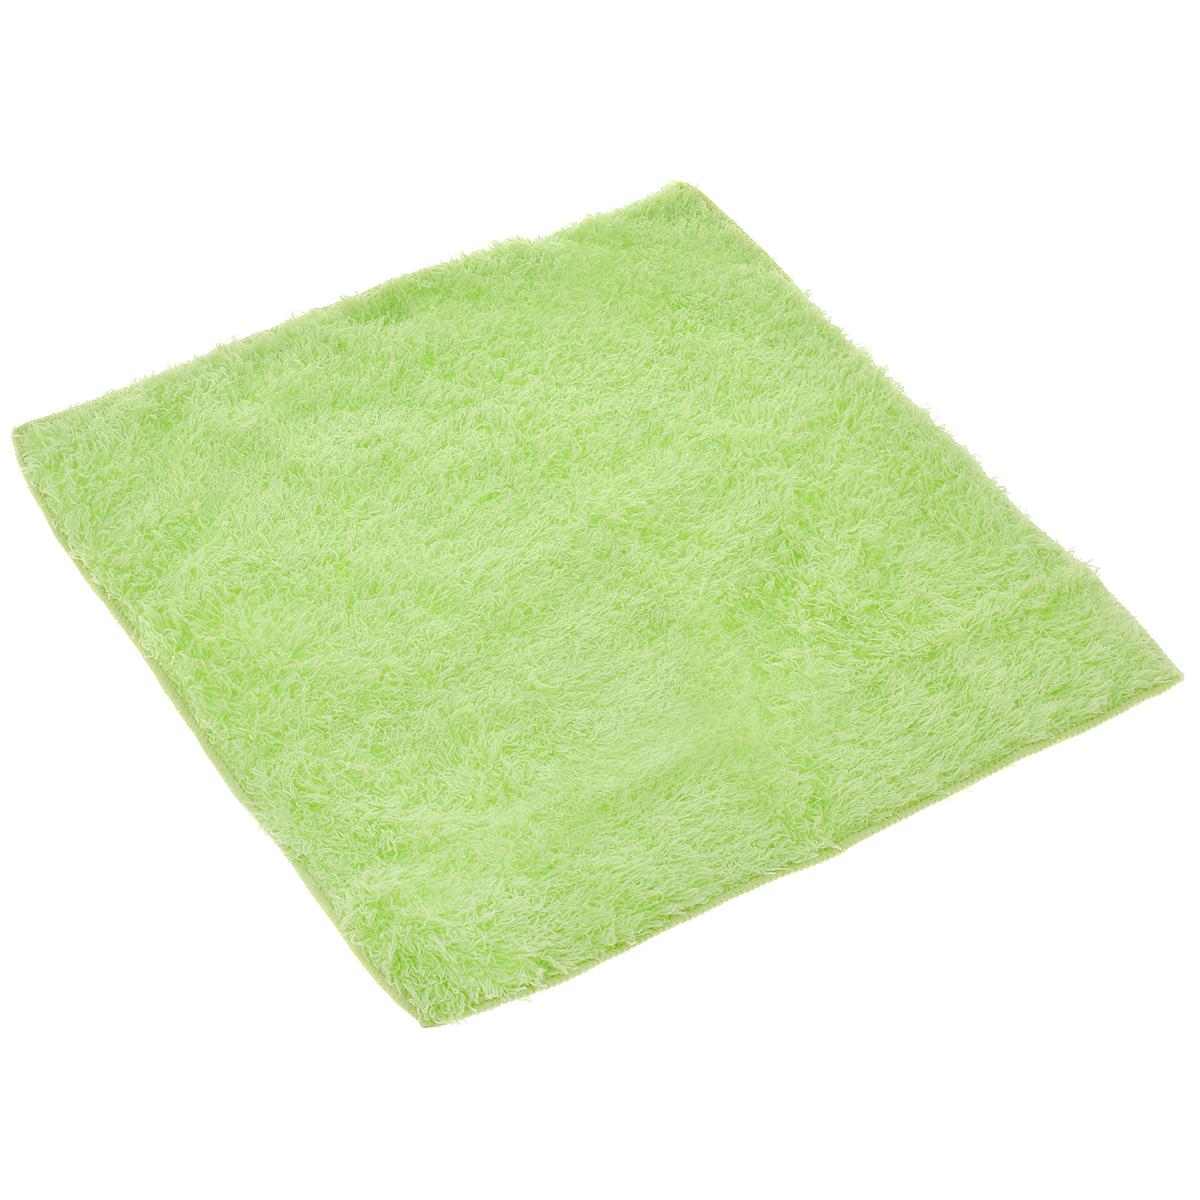 Салфетка чистящая Sapfire, для мытья и полировки автомобиля, цвет: салатовый, 40 х 40 см3022-SFM салатовыйБлагодаря своей уникальной ворсовой структуре, салфетка Sapfire прекрасно подходит для мытья и полировки автомобиля. Материал салфетки (микрофибра) обладает уникальной способностью быстро впитывать большой объем жидкости. Клиновидные микроскопические волокна захватывают и легко удерживают частички пыли, жировой и никотиновый налет, микроорганизмы, в том числе болезнетворные и вызывающие аллергию. Салфетка великолепно удаляет пыль и грязь. Протертая поверхность становится идеально чистой, сухой, блестящей, без разводов и ворсинок. Размер салфетки: 40 см х 40 см.